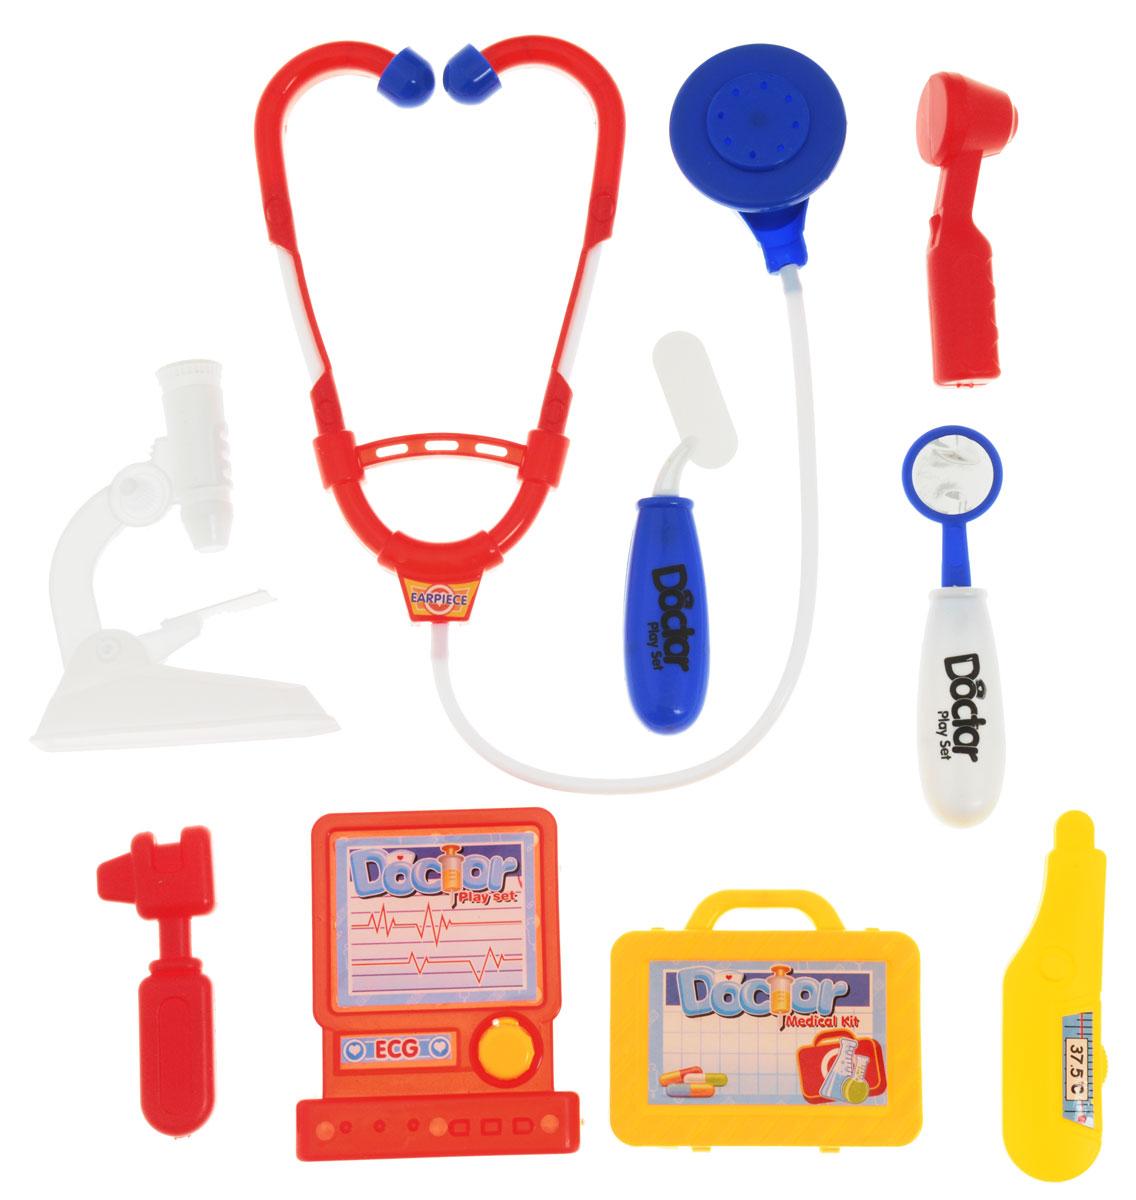 Plastic Toy Игровой набор Семейный врач 9 предметовO140-H34007Игровой набор Plastic Toy Семейный врач станет отличным подарком для маленького врачевателя. В наборе есть все, что может пригодиться юному врачу: стетоскоп, отоскоп, зеркало, шпатель, термометр, микроскоп, чемоданчик, молоточек, электрокардиограф. Ребенок сможет лечить свои игрушки, придумывая различные сюжеты. К тому же, придумывать диагнозы и выписывать пилюльки очень увлекательно. Игровой набор нетоксичен и изготовлен из качественной пластмассы.